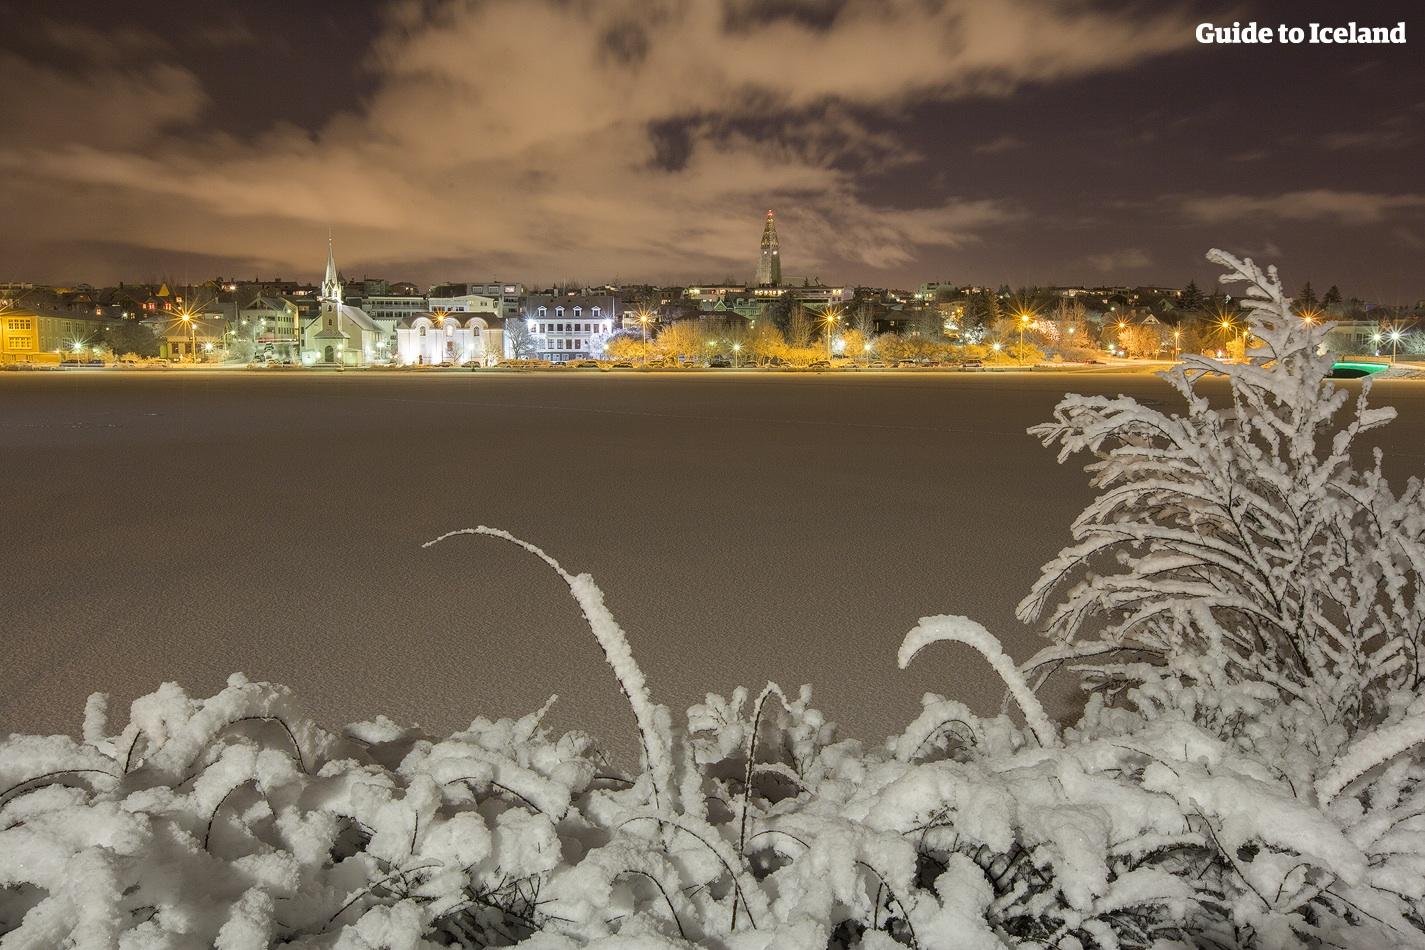 Panorama zimowego Reykjaviku z perspektywy zamarzniętego jeziora Tjornin w centrum miasta.